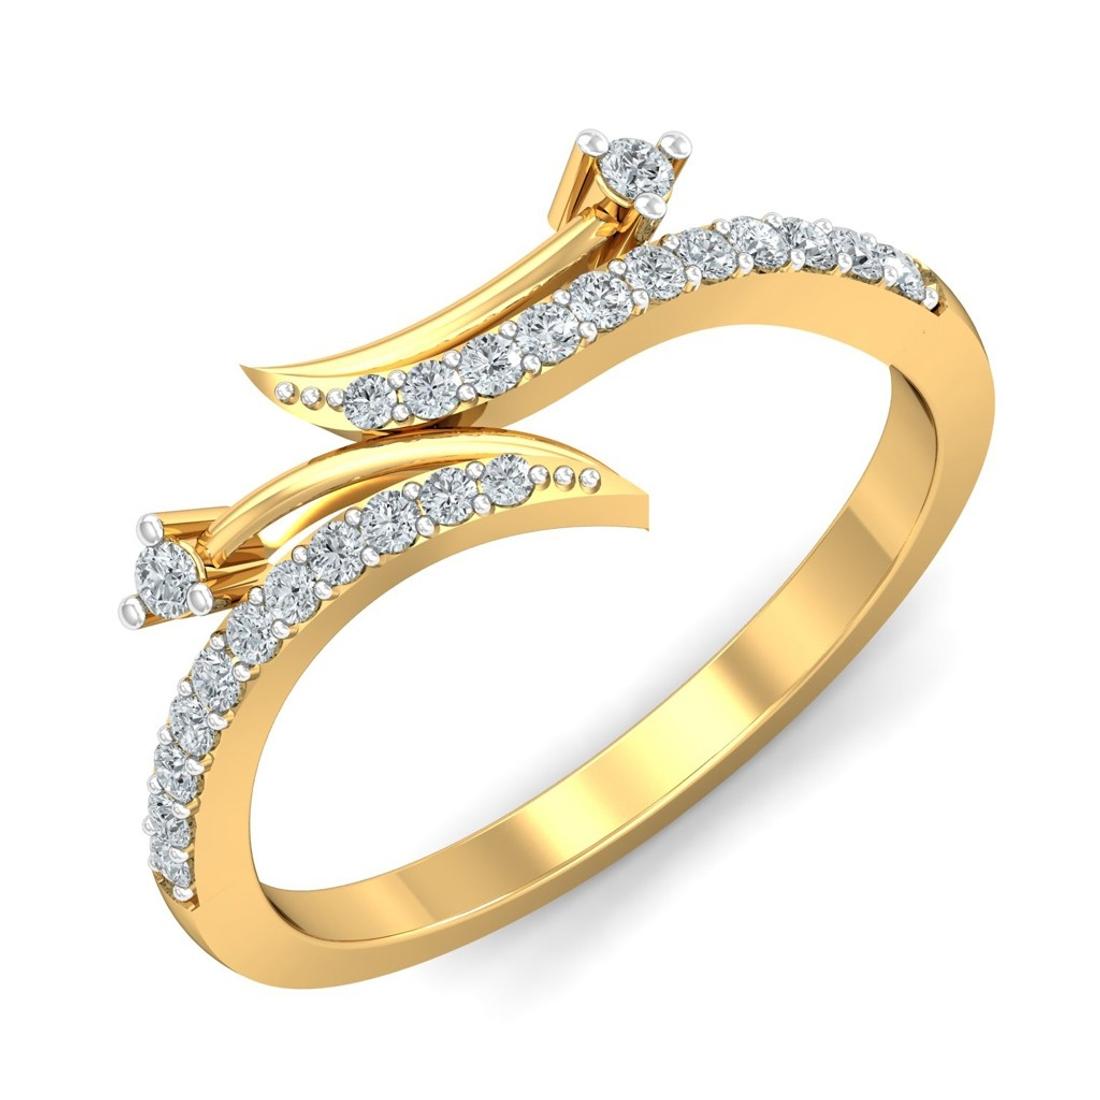 Sarvada Jewels' The Samah Ring